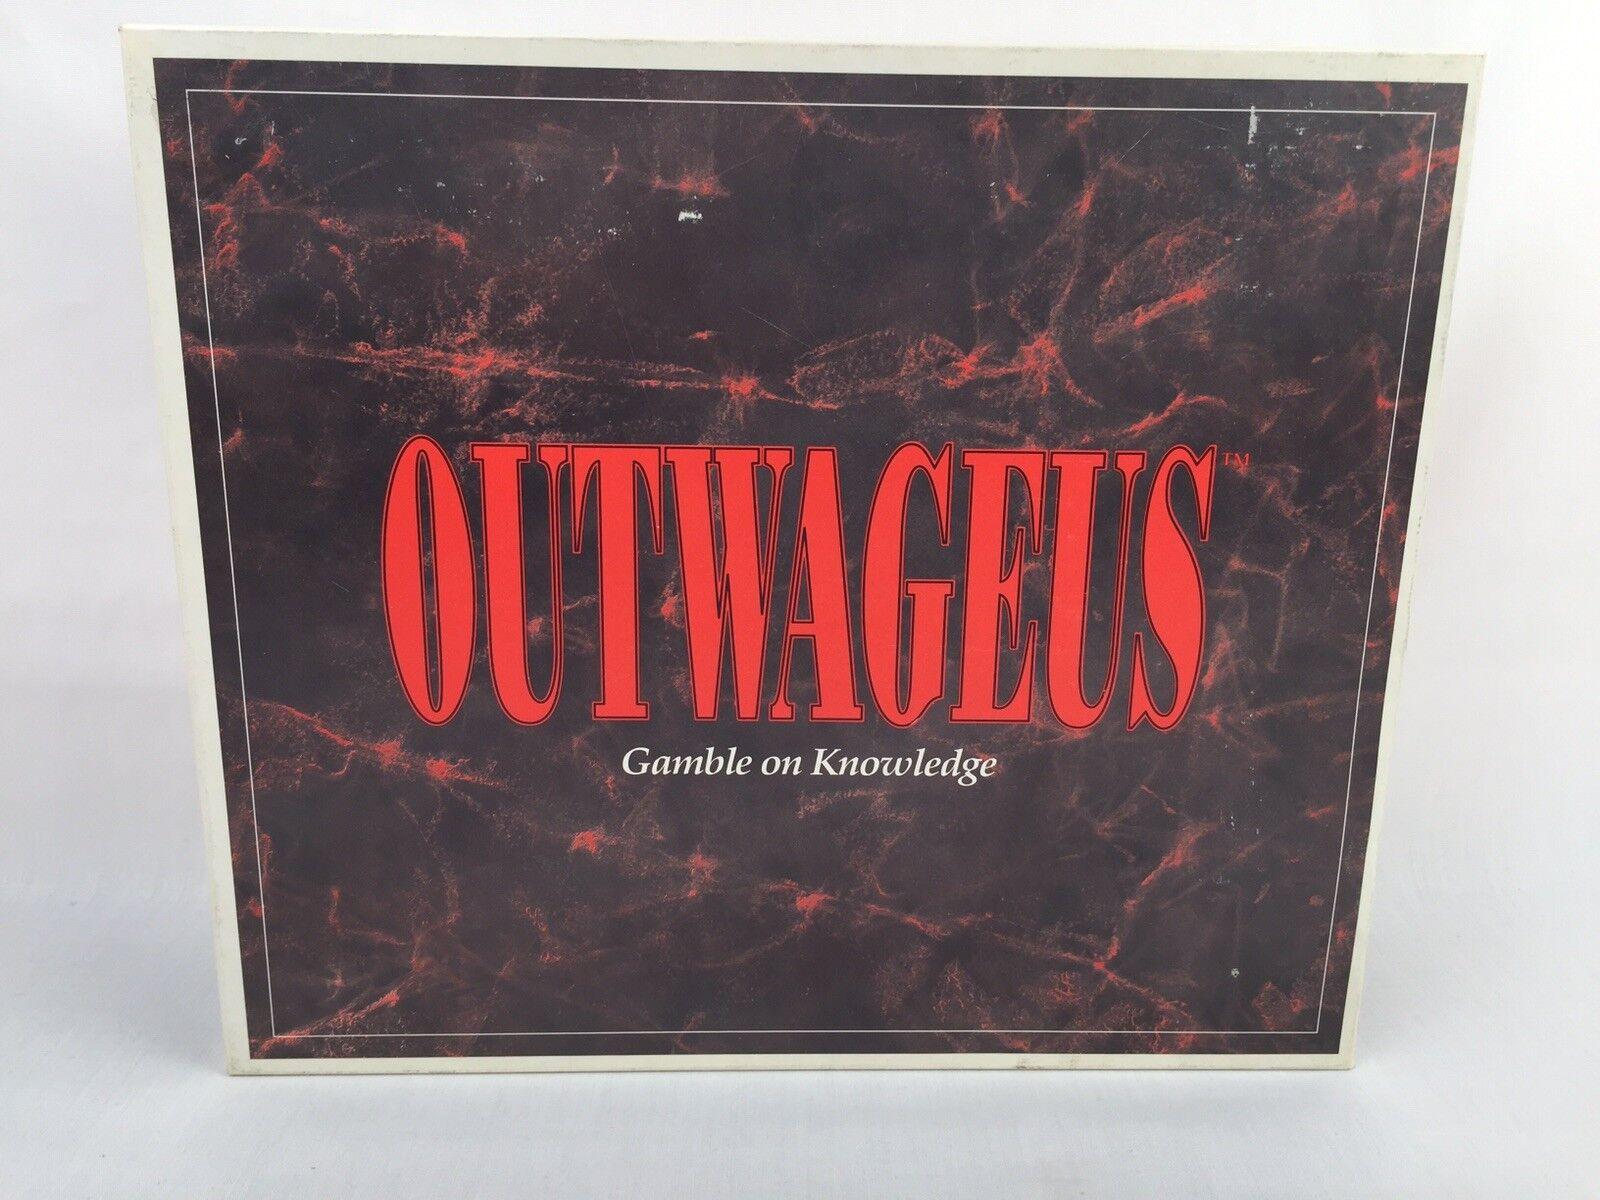 Jahrgang outwageus brettspiel, das spiel von wetten auf wissen komplette 1989